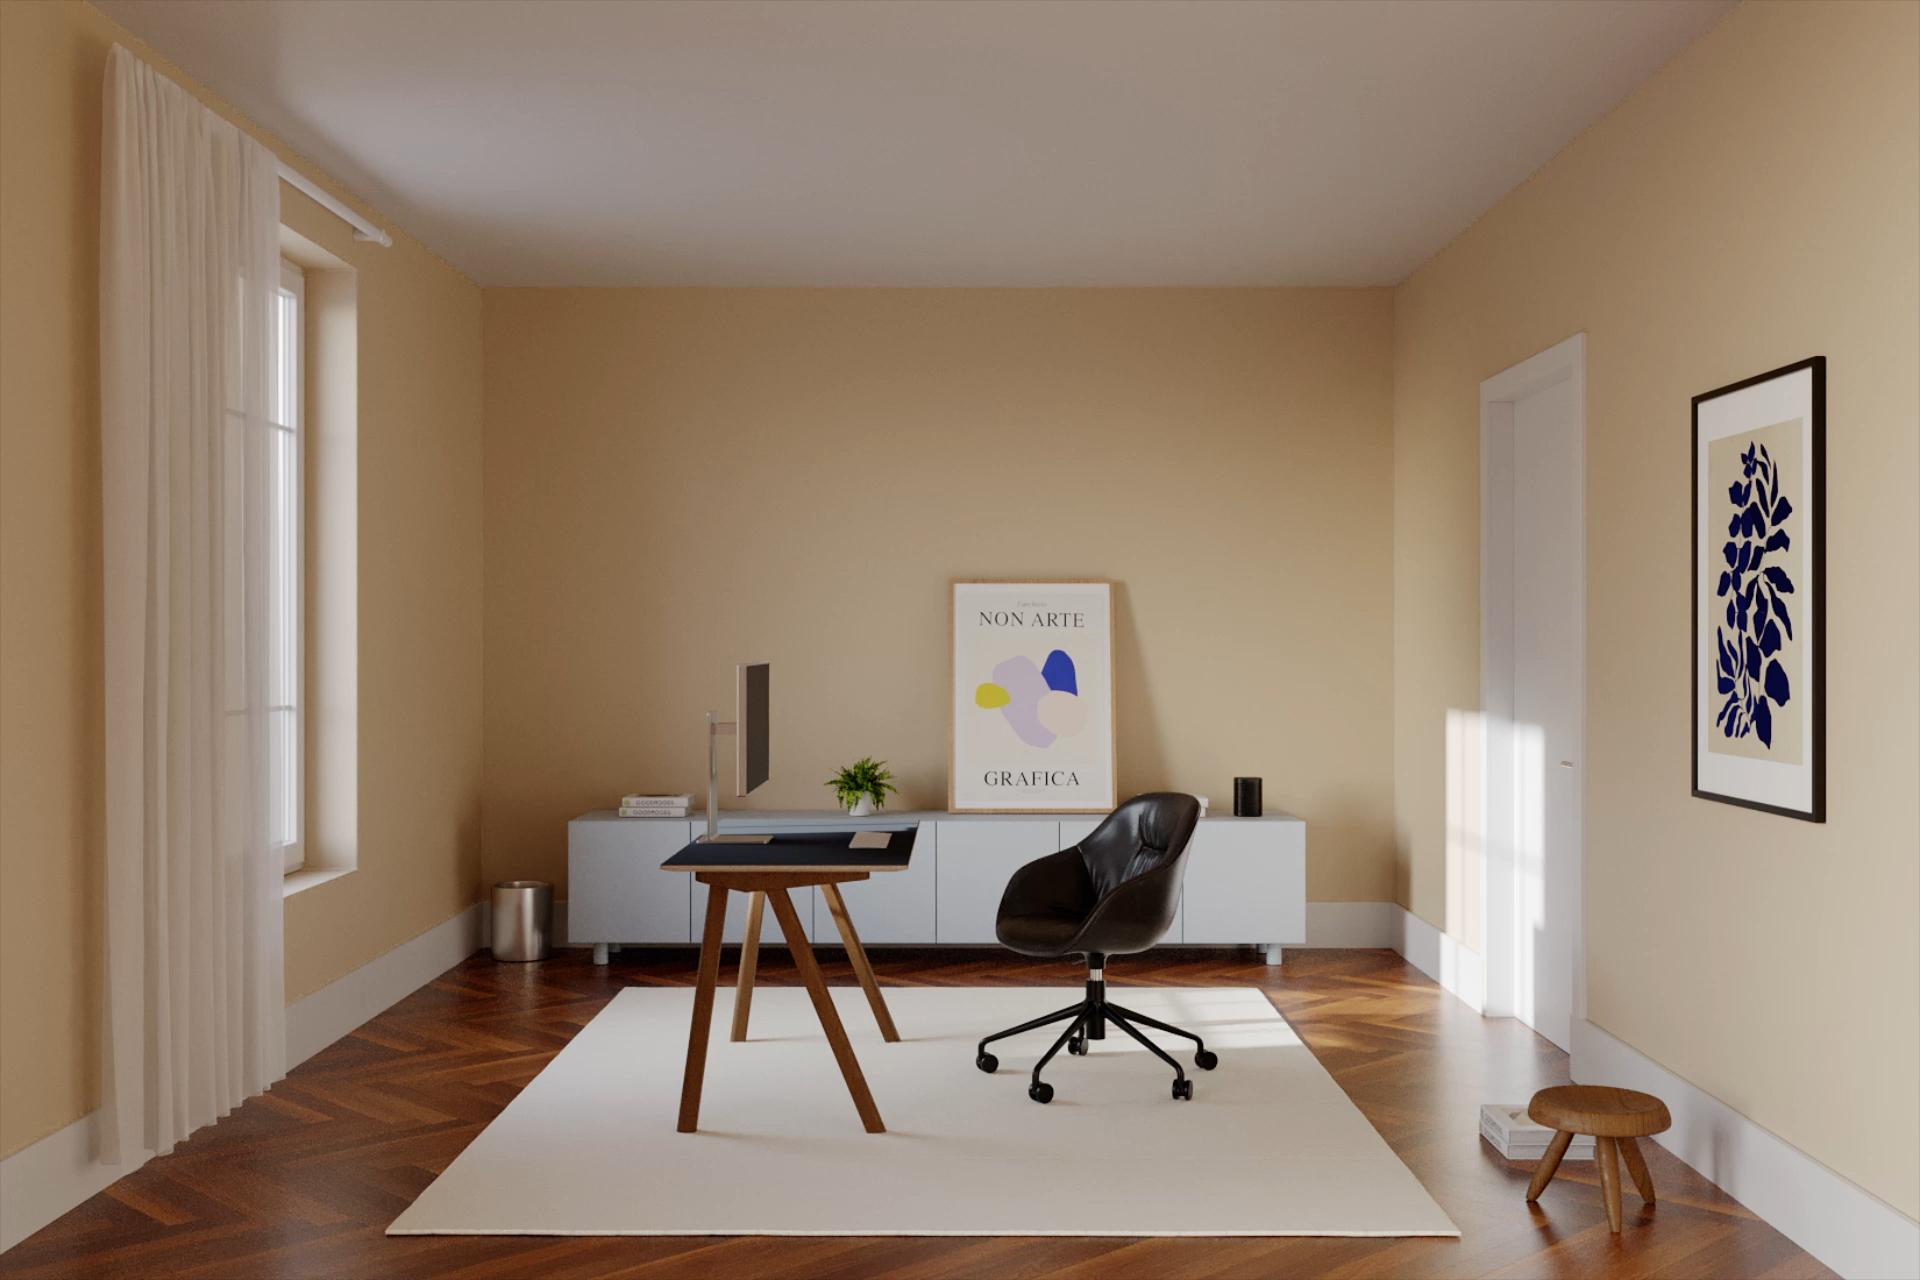 Minimalist room with desk